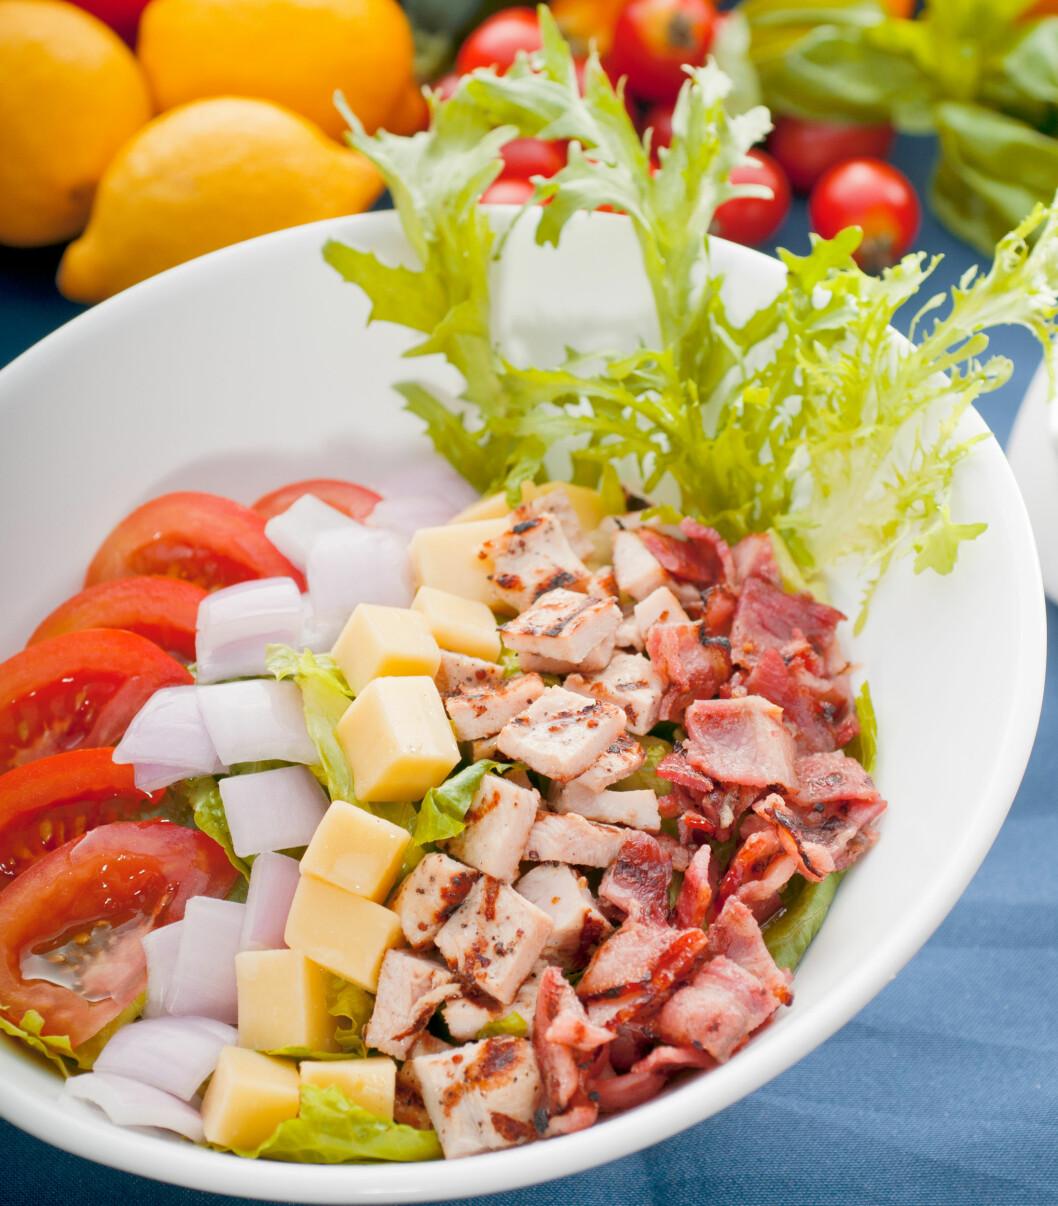 CHEF SALAT: Det finnes ulike typer chef salater. Noen har skinke, andre har skinke og bacon. Men det er stort sett alltid ost og egg å finne blant salatbladene. Foto: PantherMedia / Francesco Perre